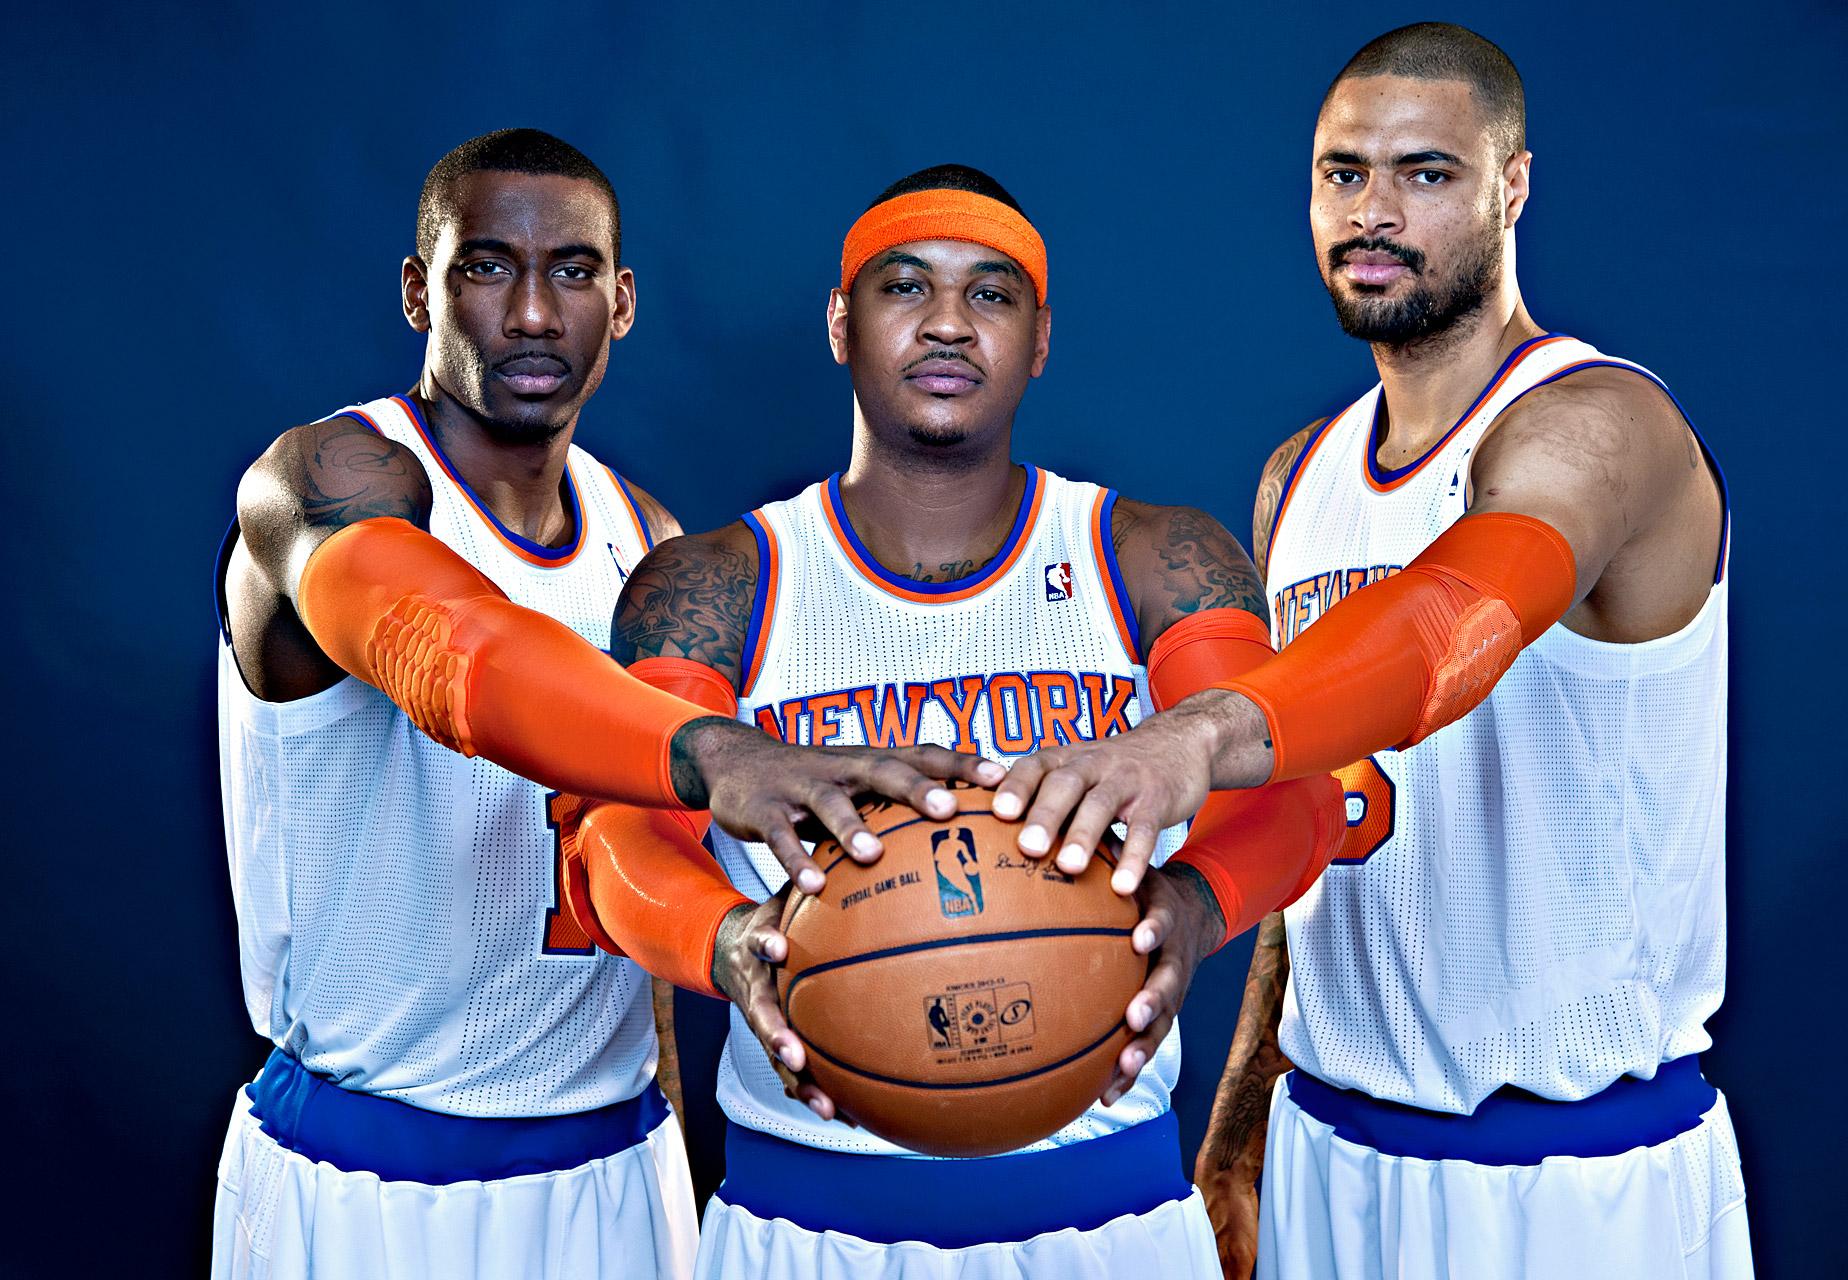 e7cf2cf660cc8 ny_knicks_mediaday_00 Cette année on ne reconnait plus l'équipe des Knicks de  New York ...